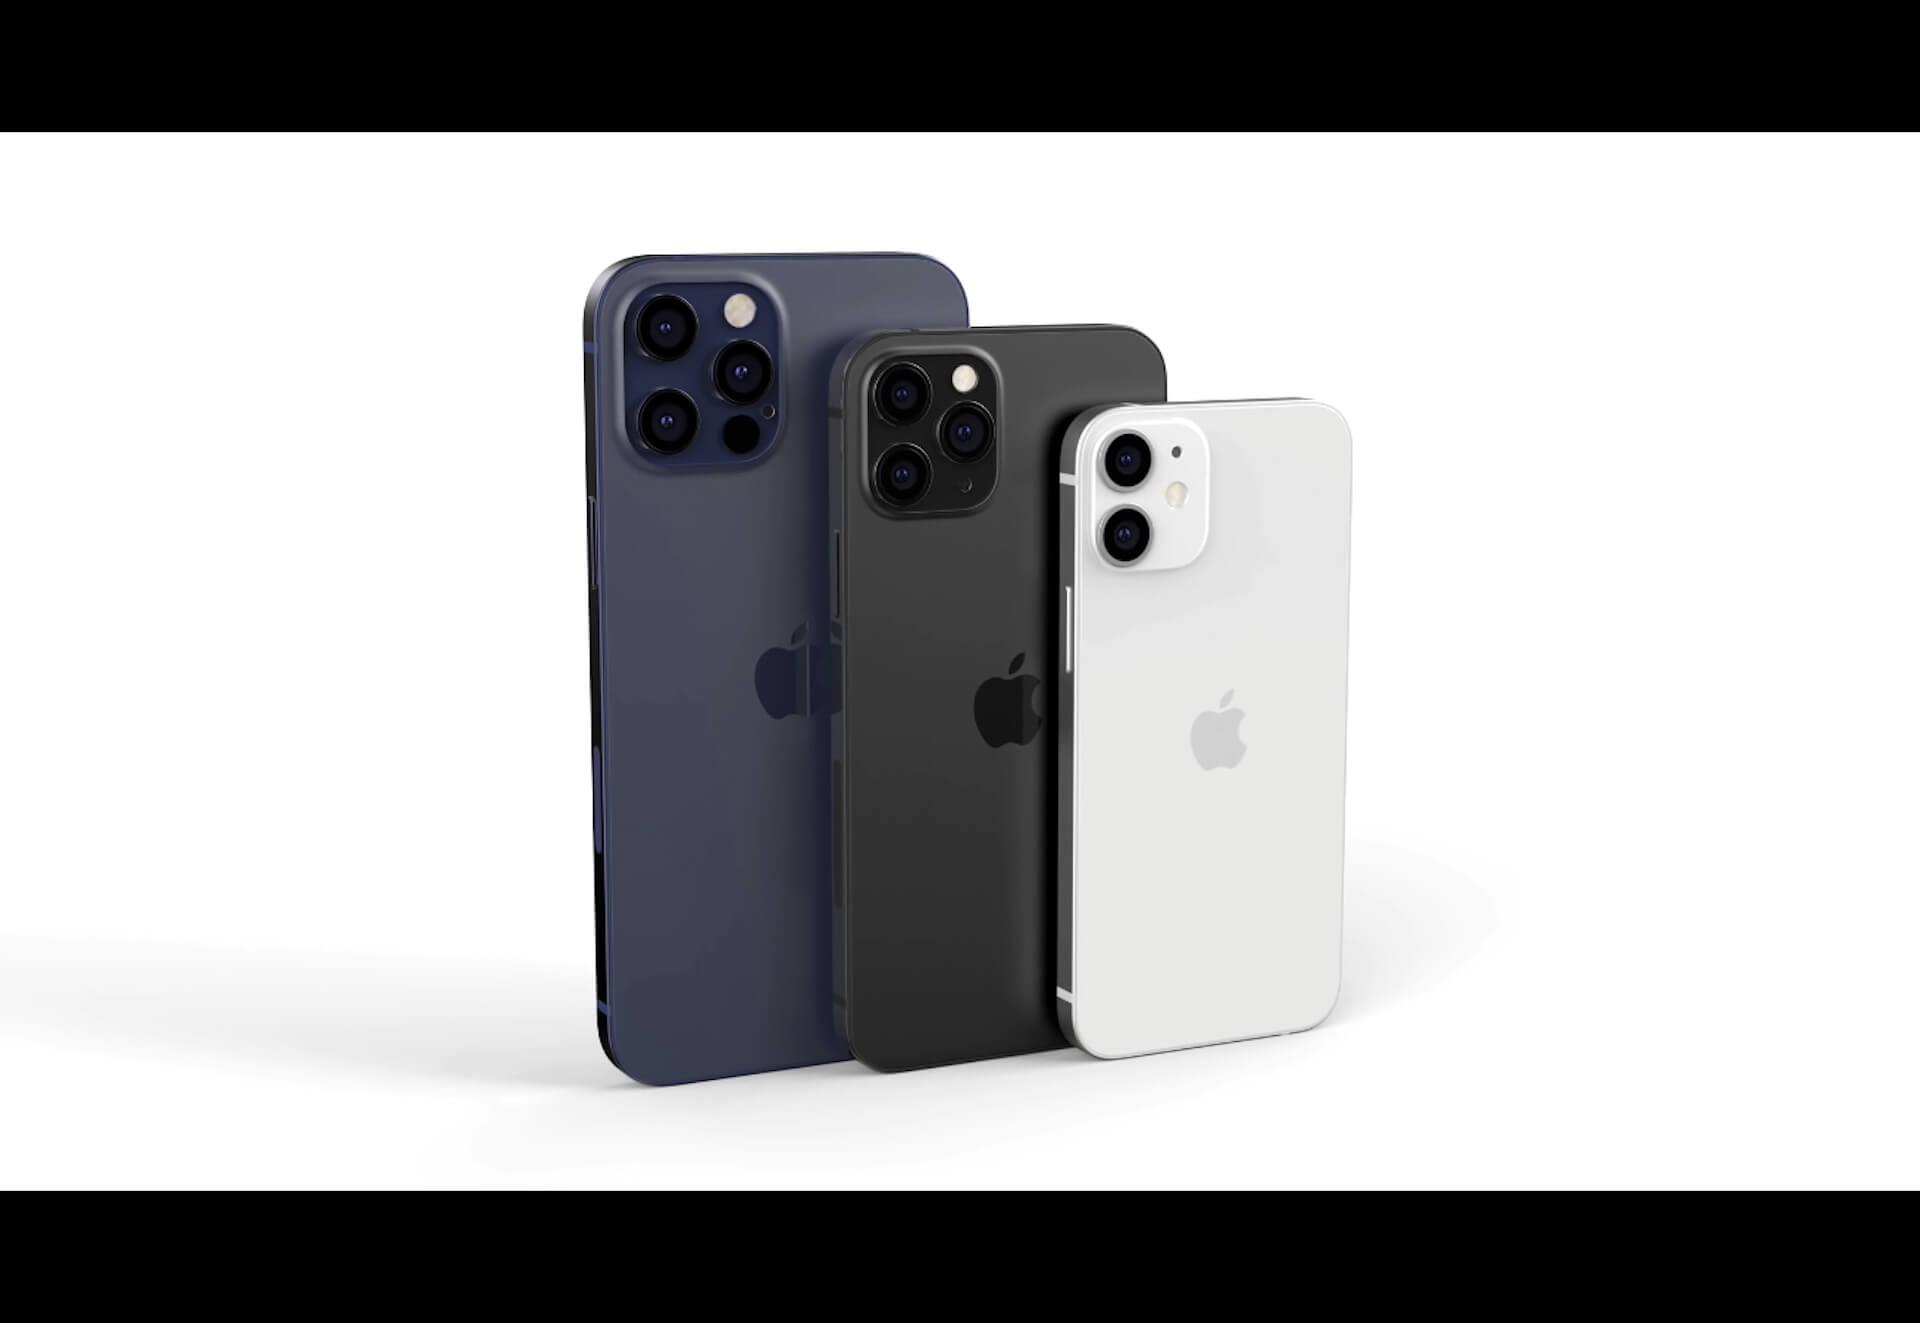 第1世代iPhone SEのデザインに近いiPhone 12の最新モックアップが公開!デザインは変更の可能性? tech200622_iphone12_main